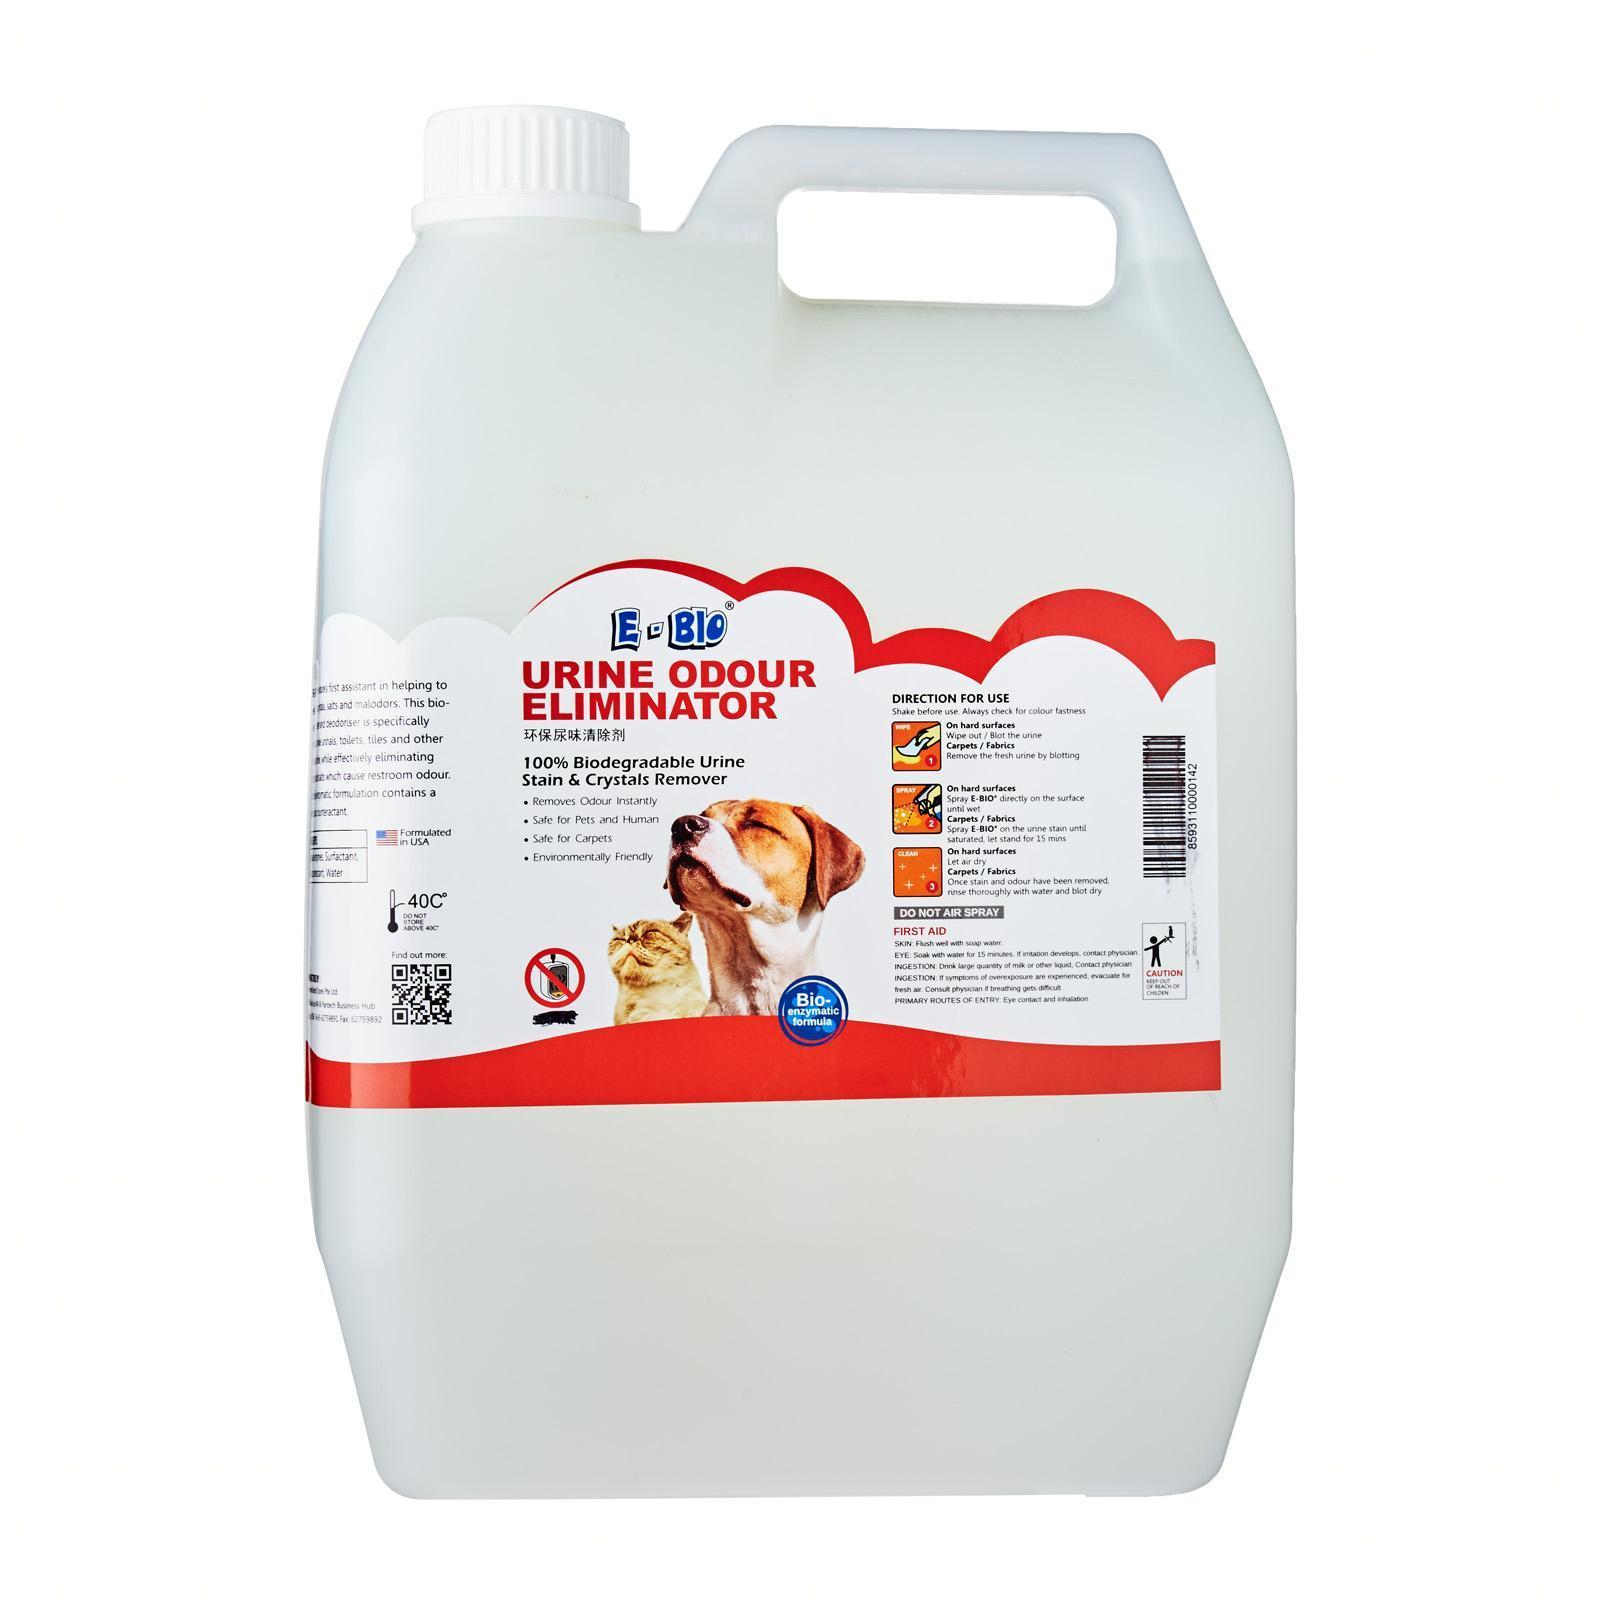 E-Bio Urine Odor Eliminator